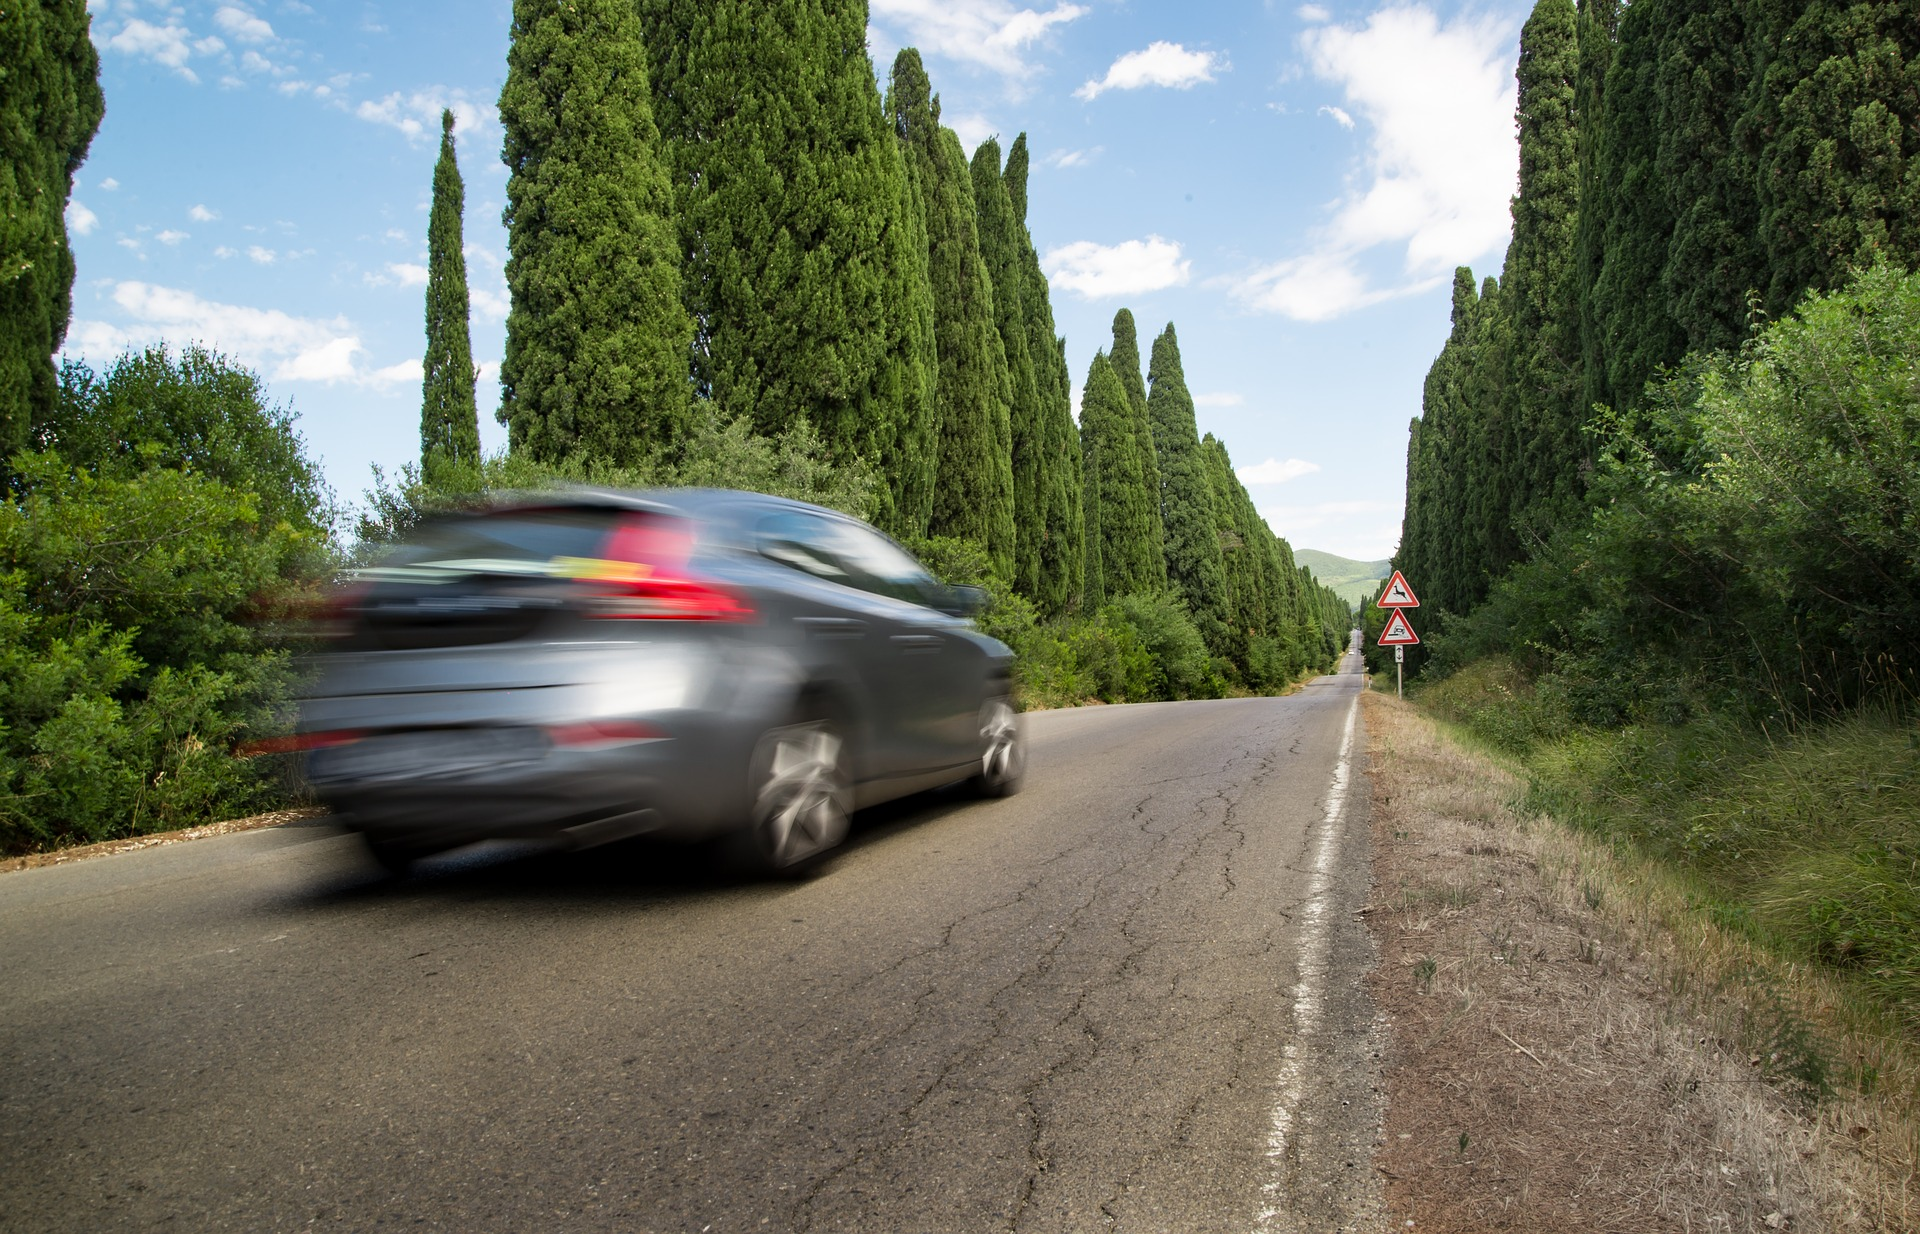 Voiture familiale en mouvement qui roule sur une route bordée de cyprès